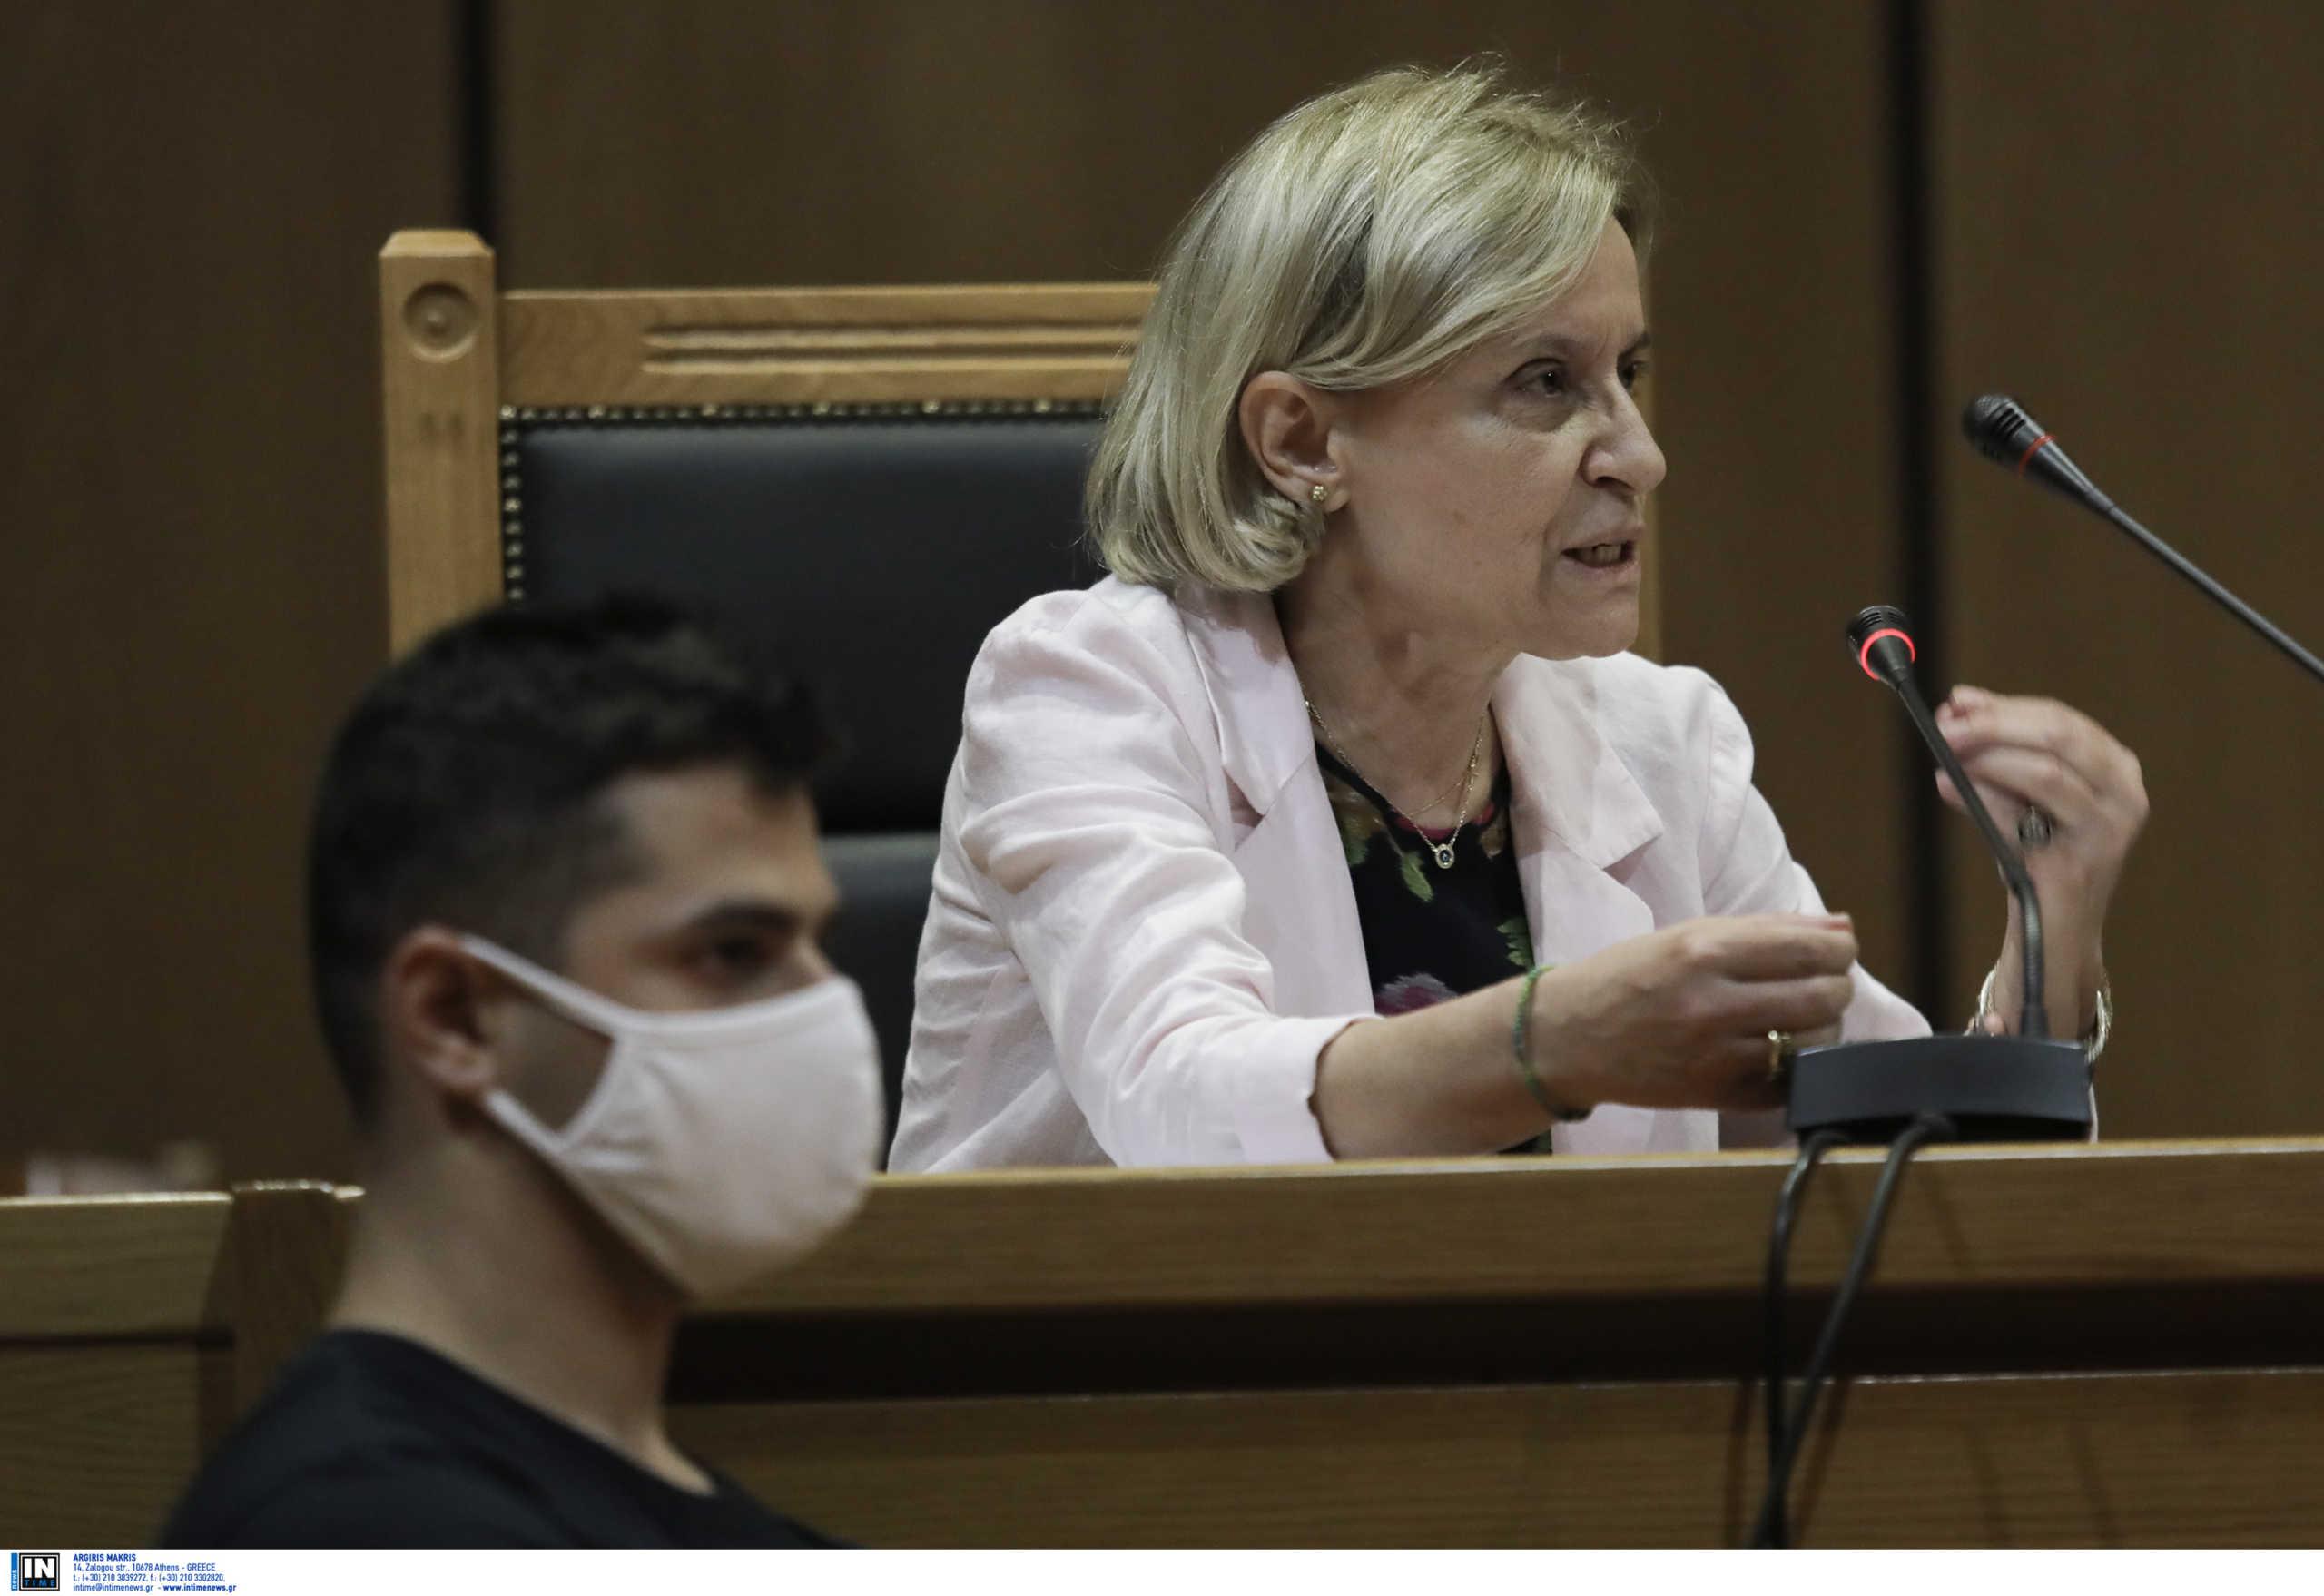 Δίκη Χρυσής Αυγής: Αλαλούμ με τα ελαφρυντικά που πρότεινε η εισαγγελέας